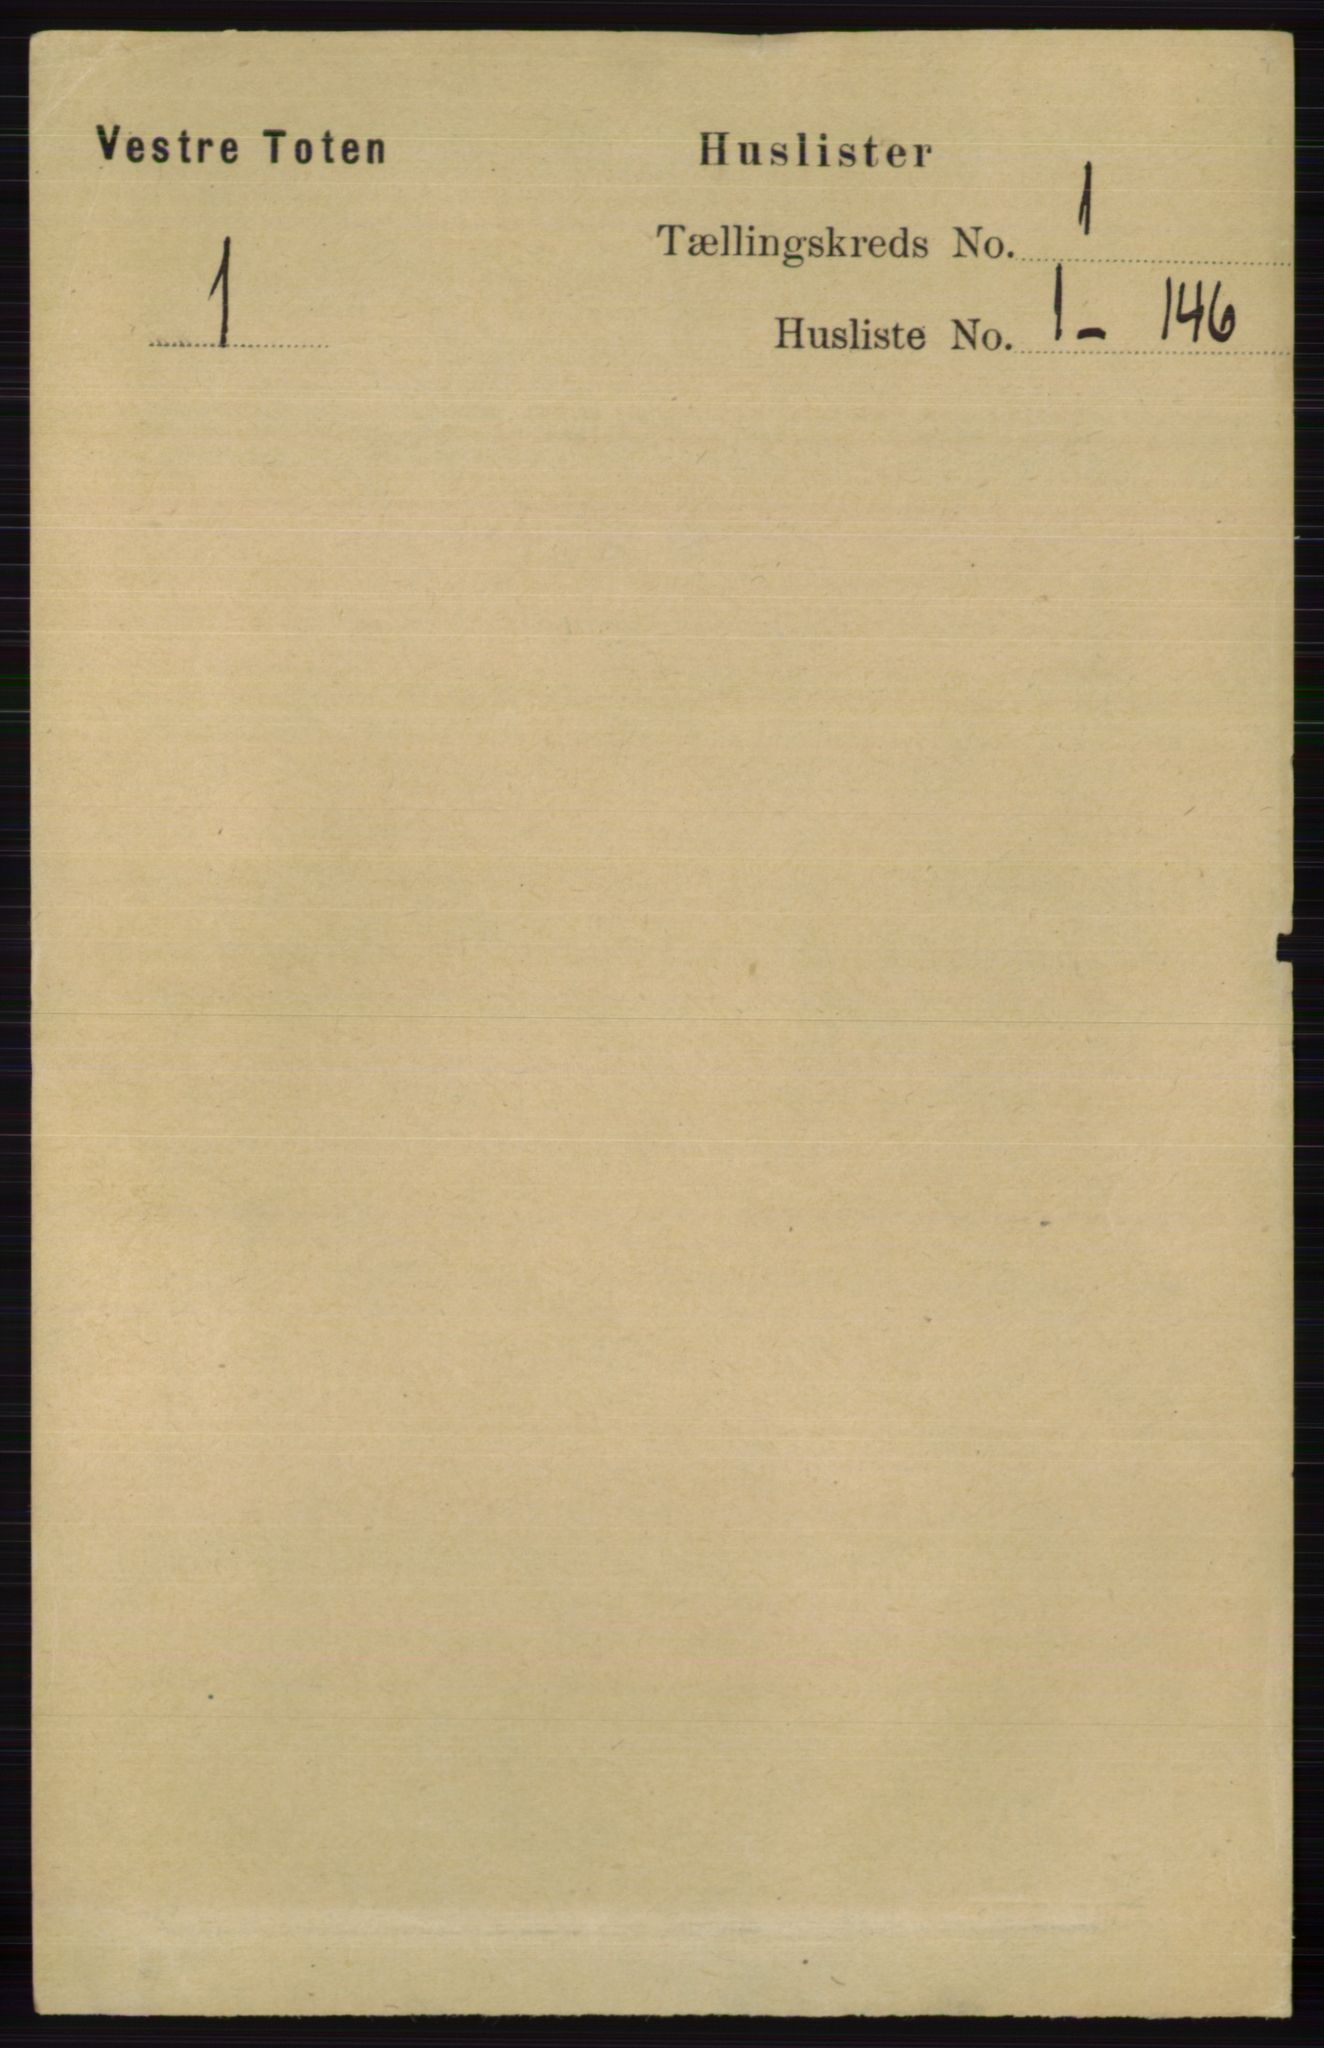 RA, Folketelling 1891 for 0529 Vestre Toten herred, 1891, s. 42